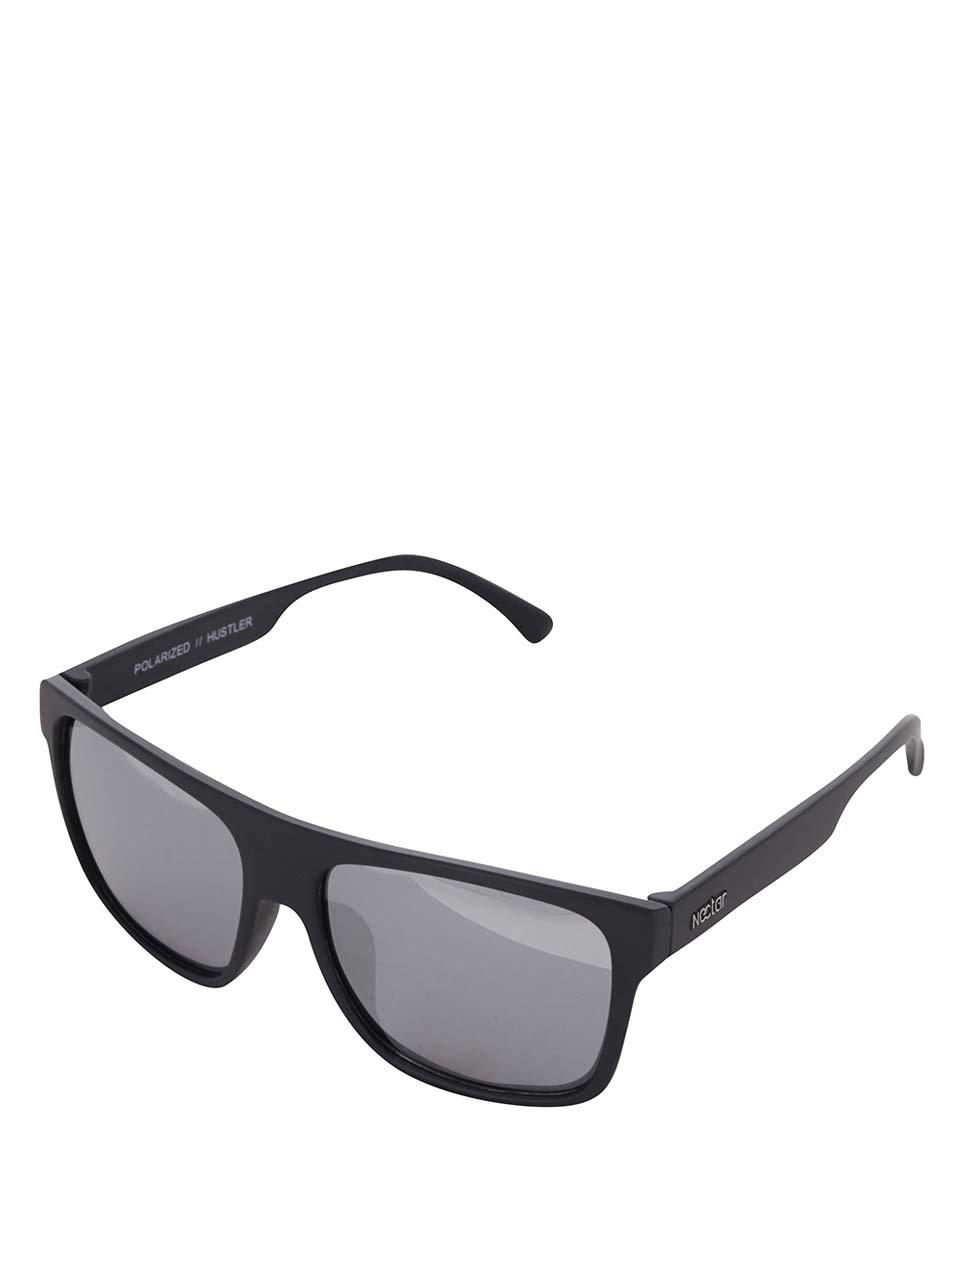 Černé pánské sluneční brýle s šedými skly Nectar Highbro